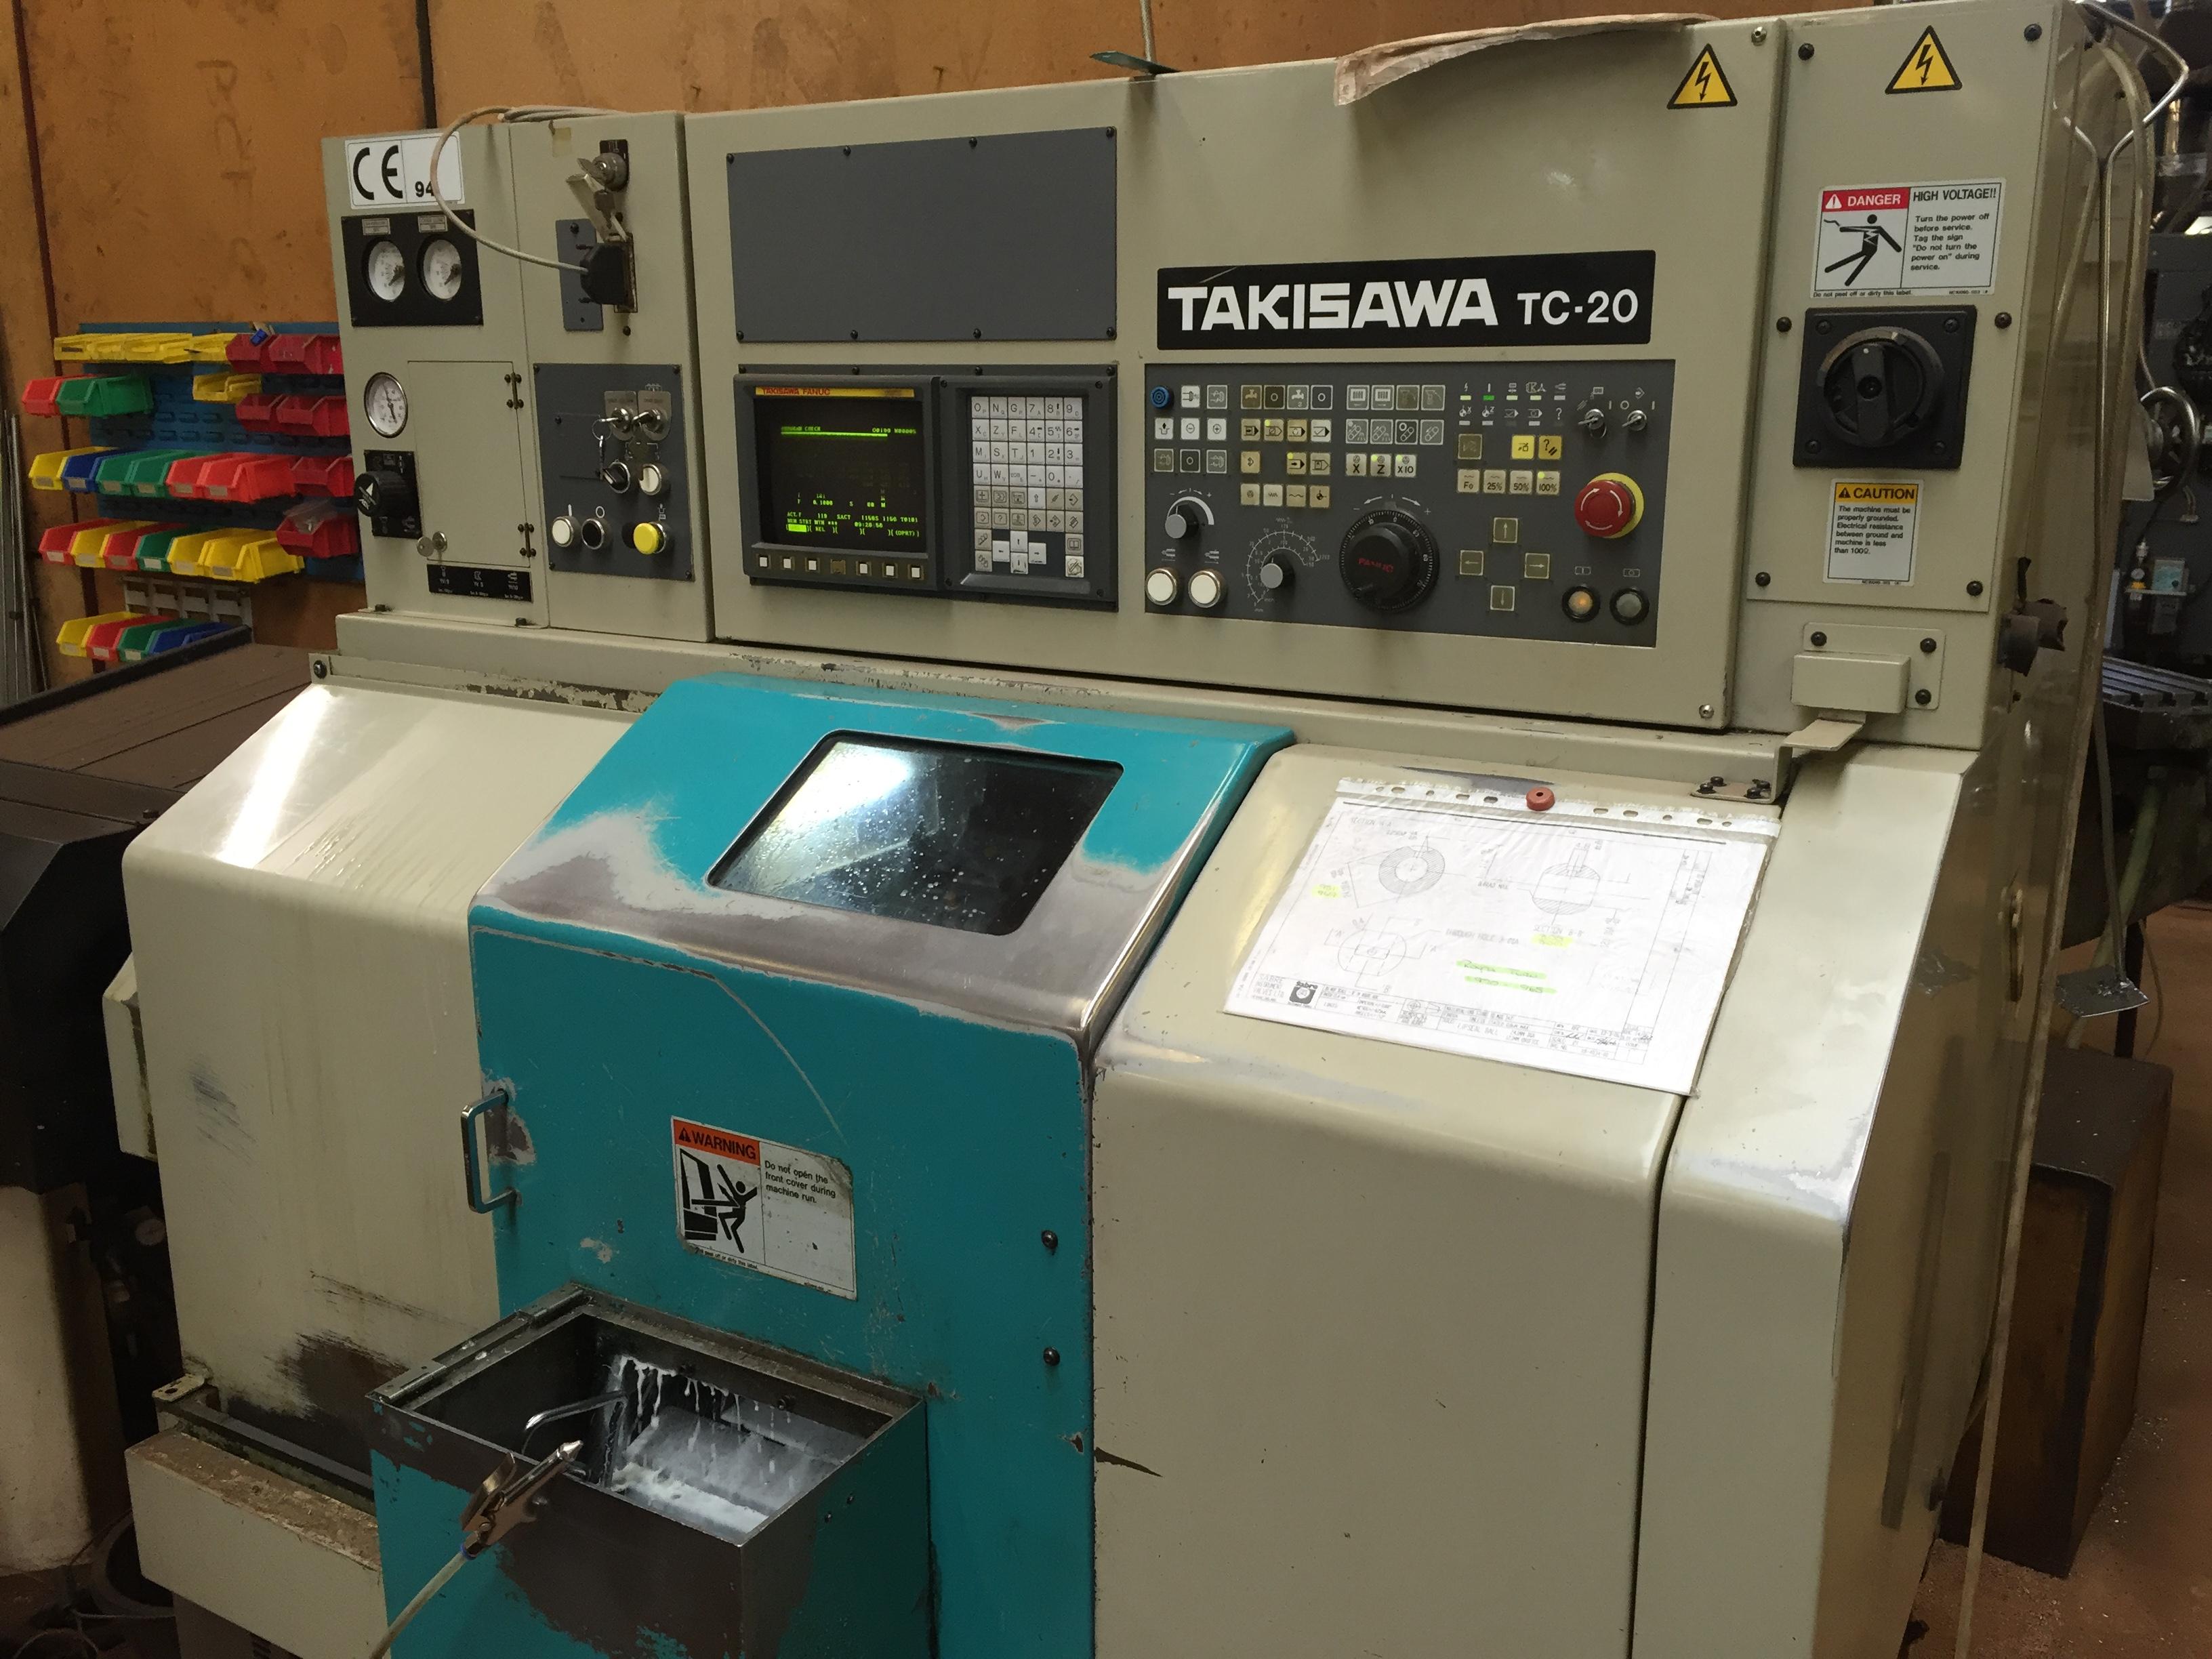 TAKISAWA TC-20 cnc lathe - Exapro